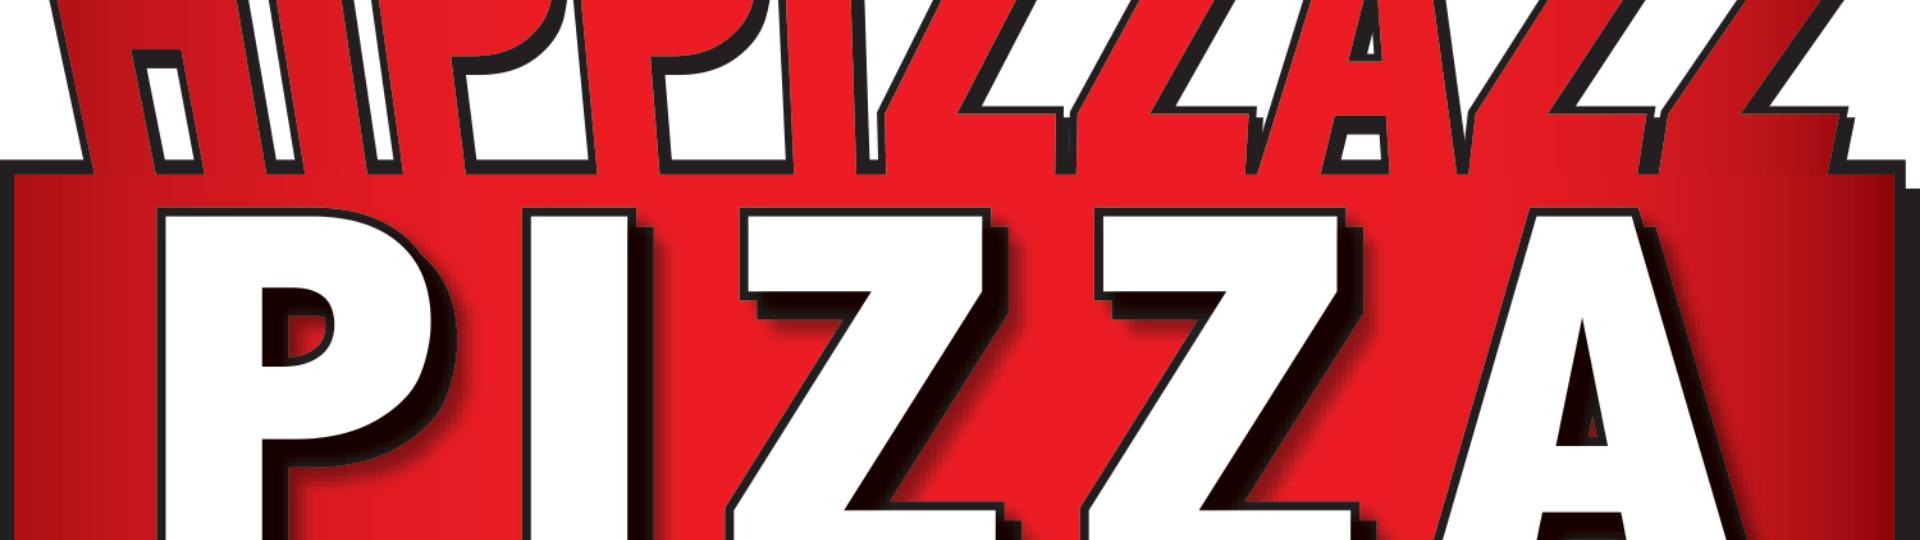 hippizzazz pizza logo